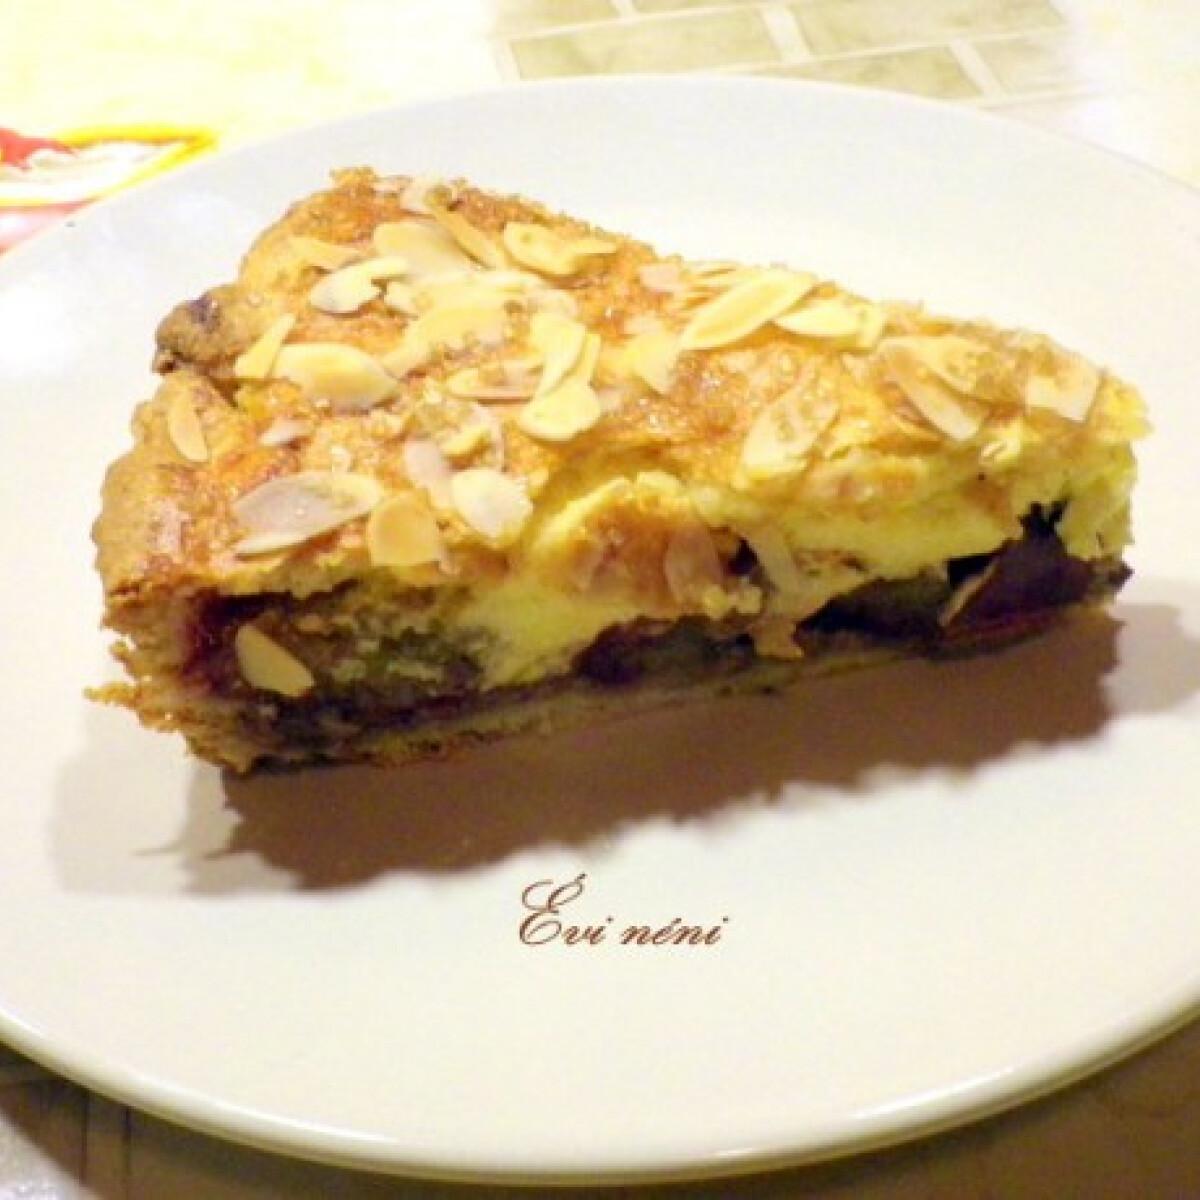 Szilvás pite Évi néni konyhájából